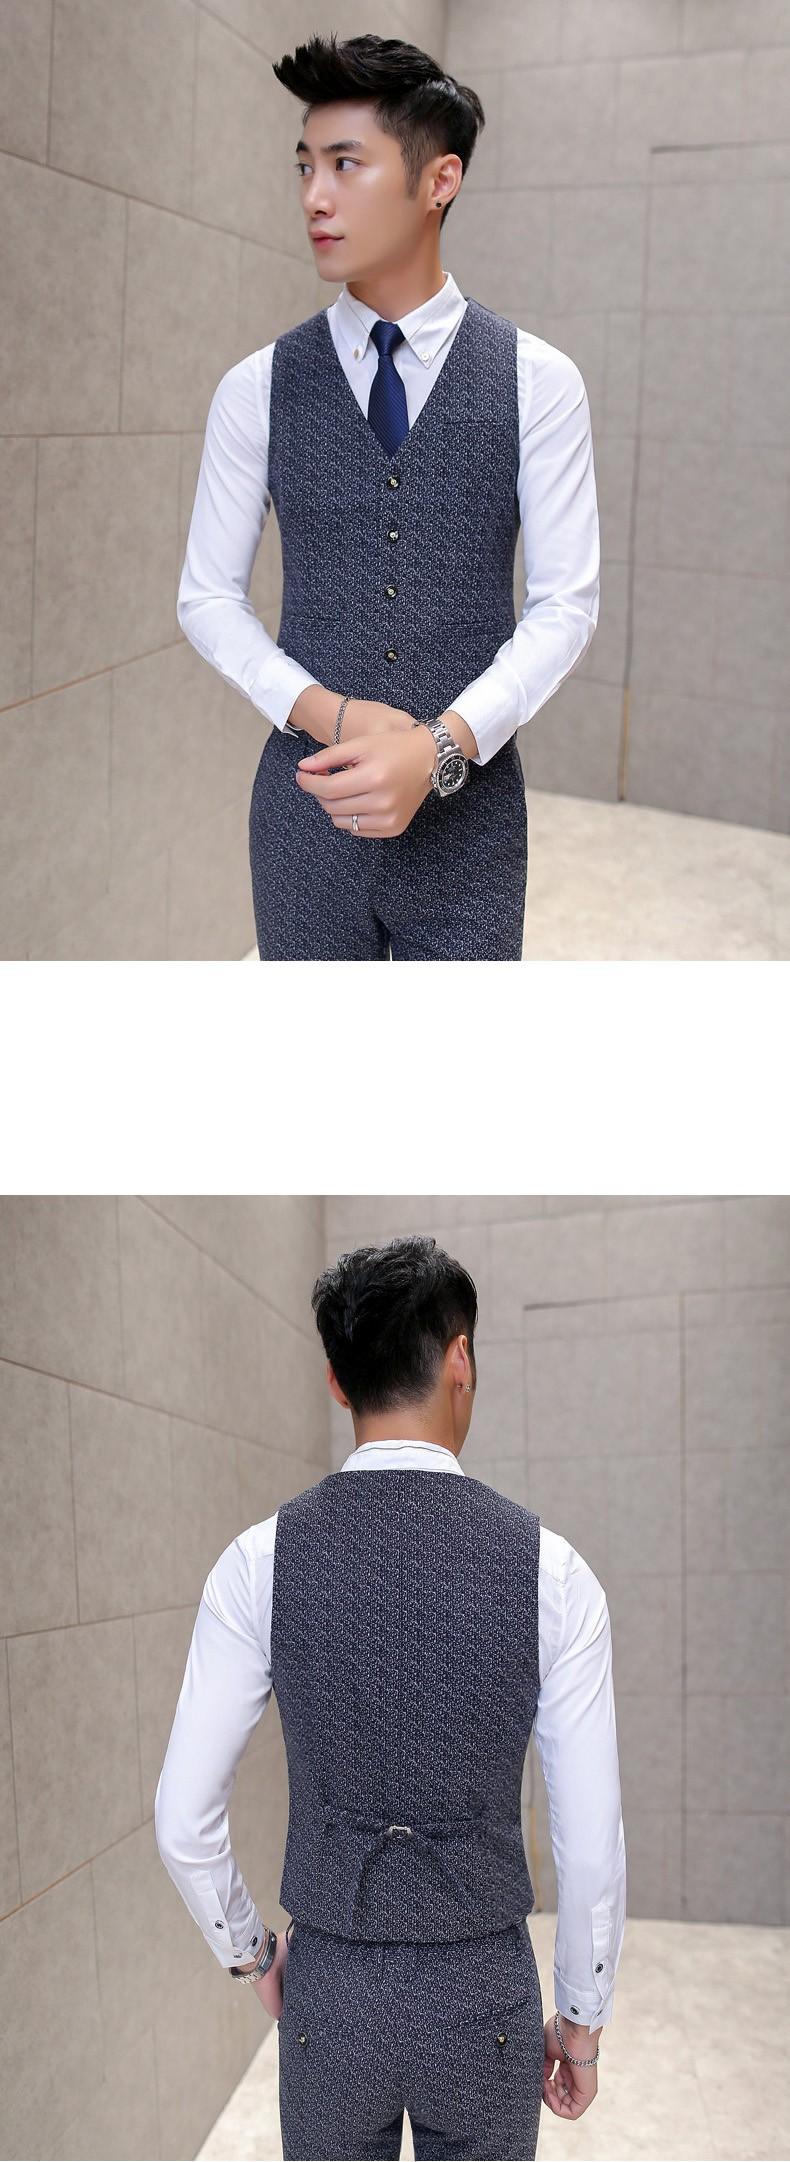 vest back side